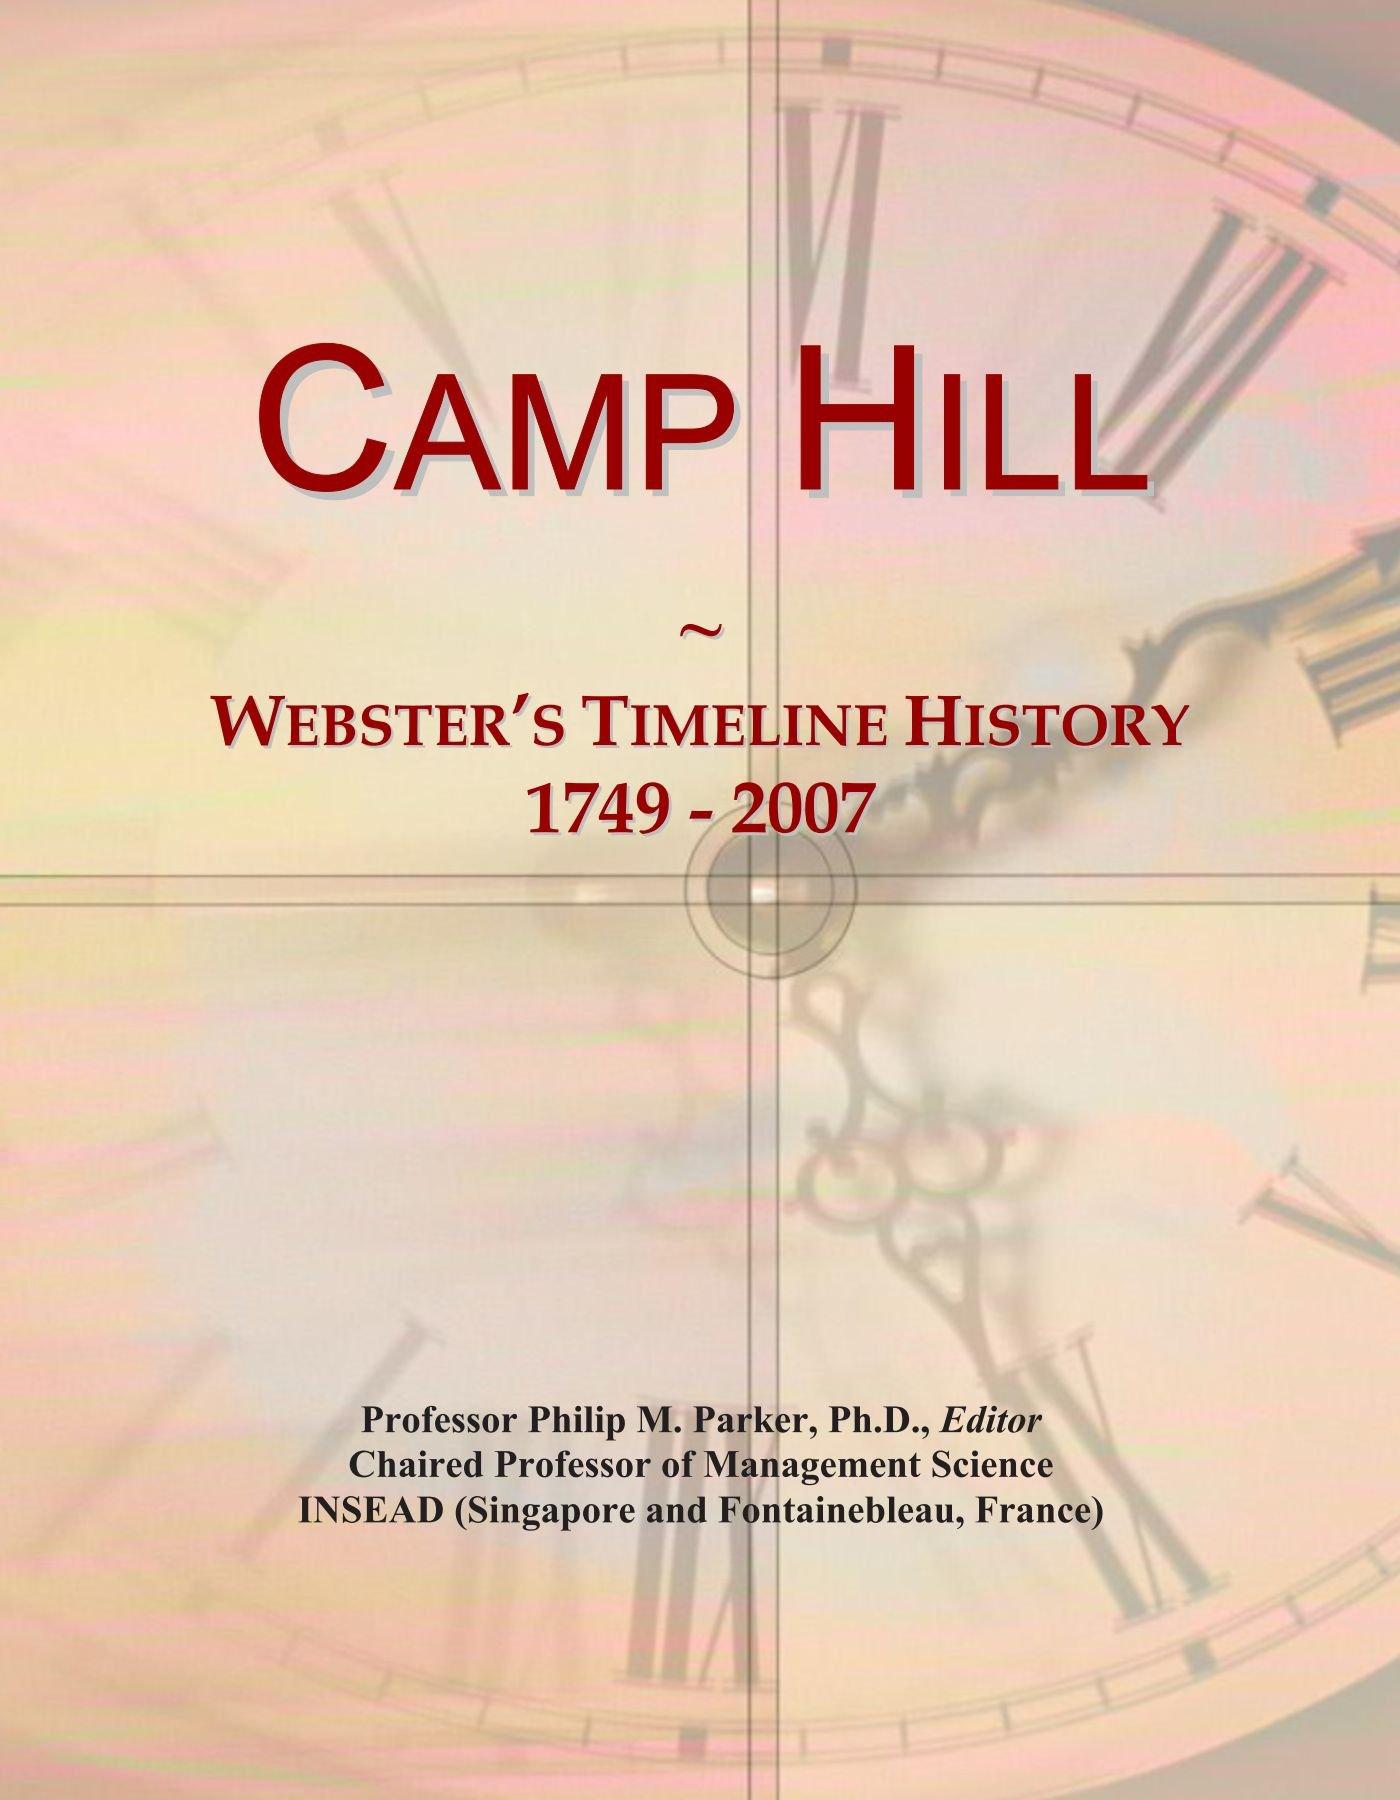 Camp Hill: Webster's Timeline History, 1749 - 2007 pdf